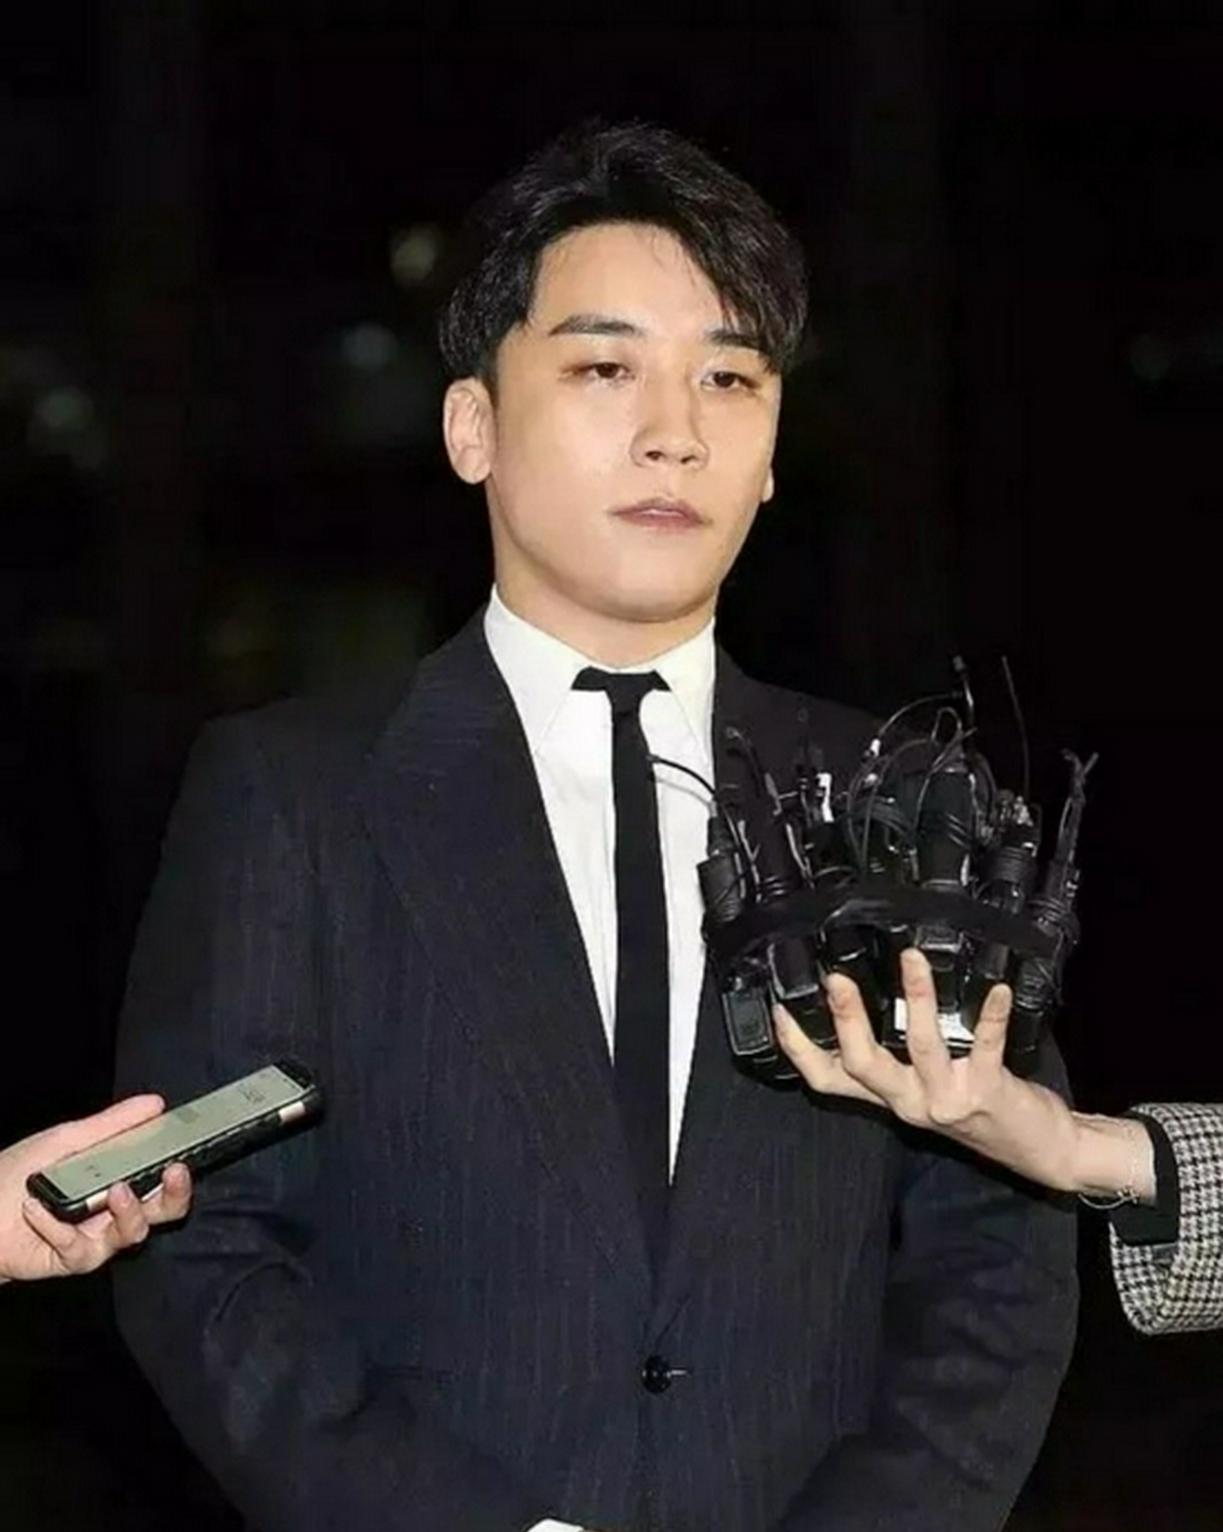 Bigbang胜利退役延迟 正在军队教导所等待二审